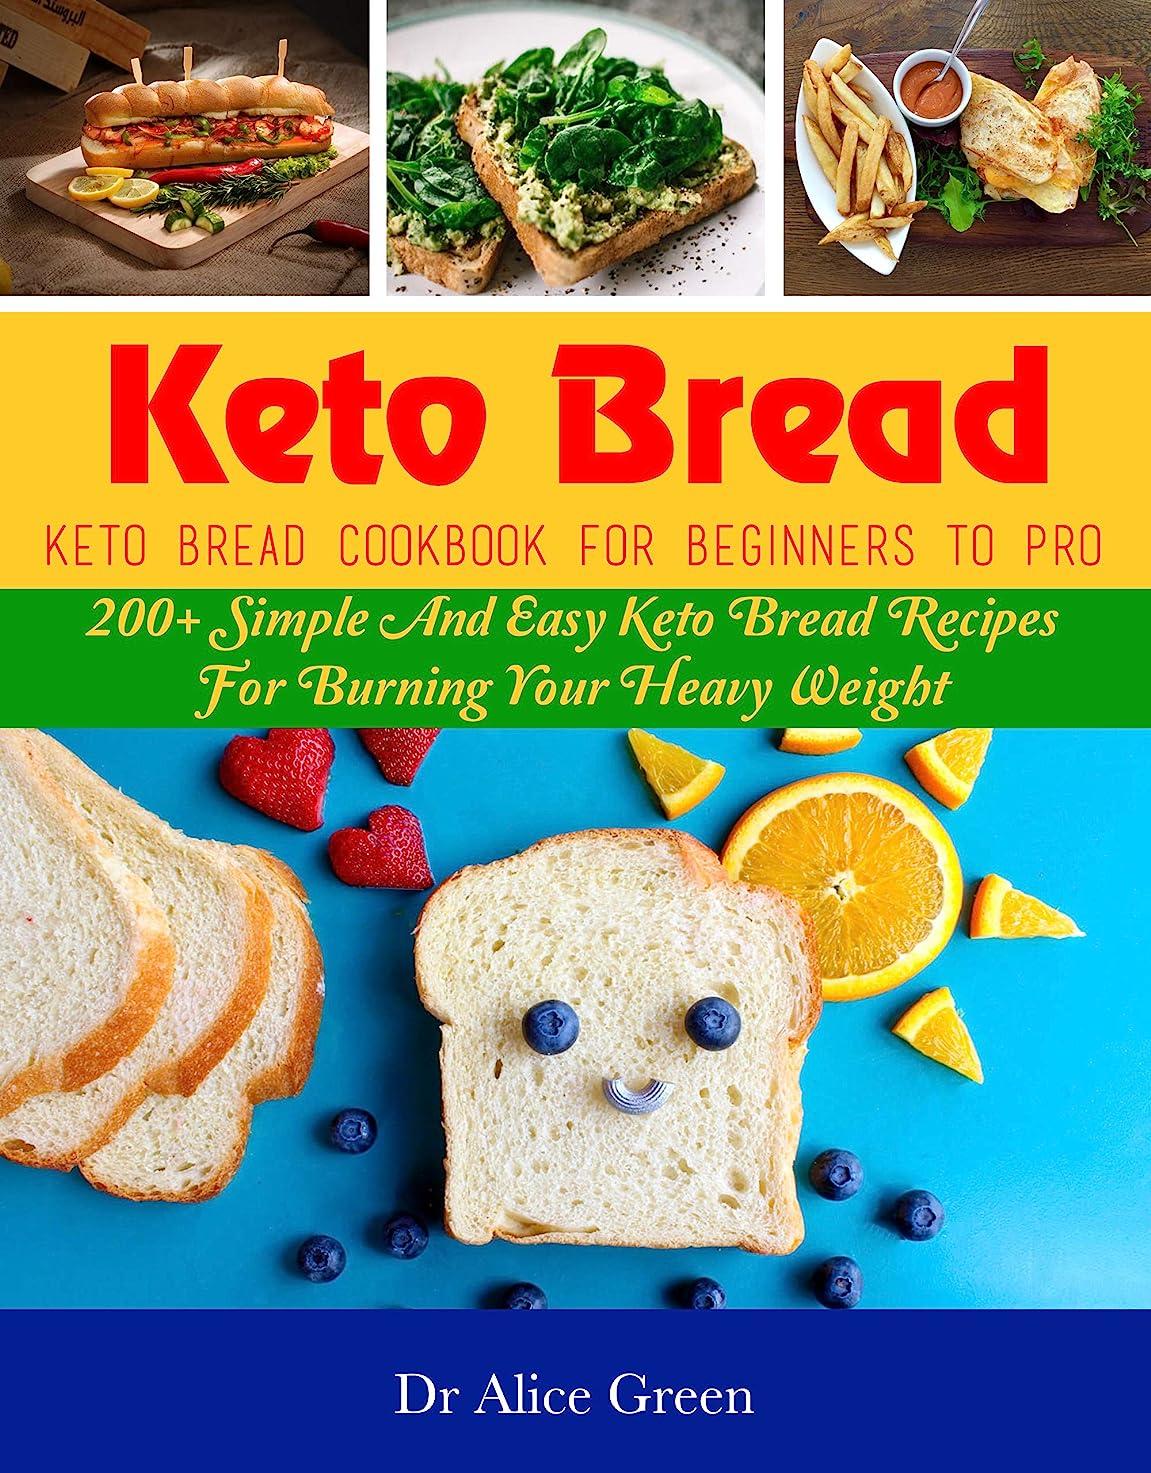 成熟分散マウントバンクKeto Bread: Keto Bread Cookbook For Beginners To Pro: 200+ Simple And Easy Keto Bread Recipes For Burning Your Heavy Weight (English Edition)